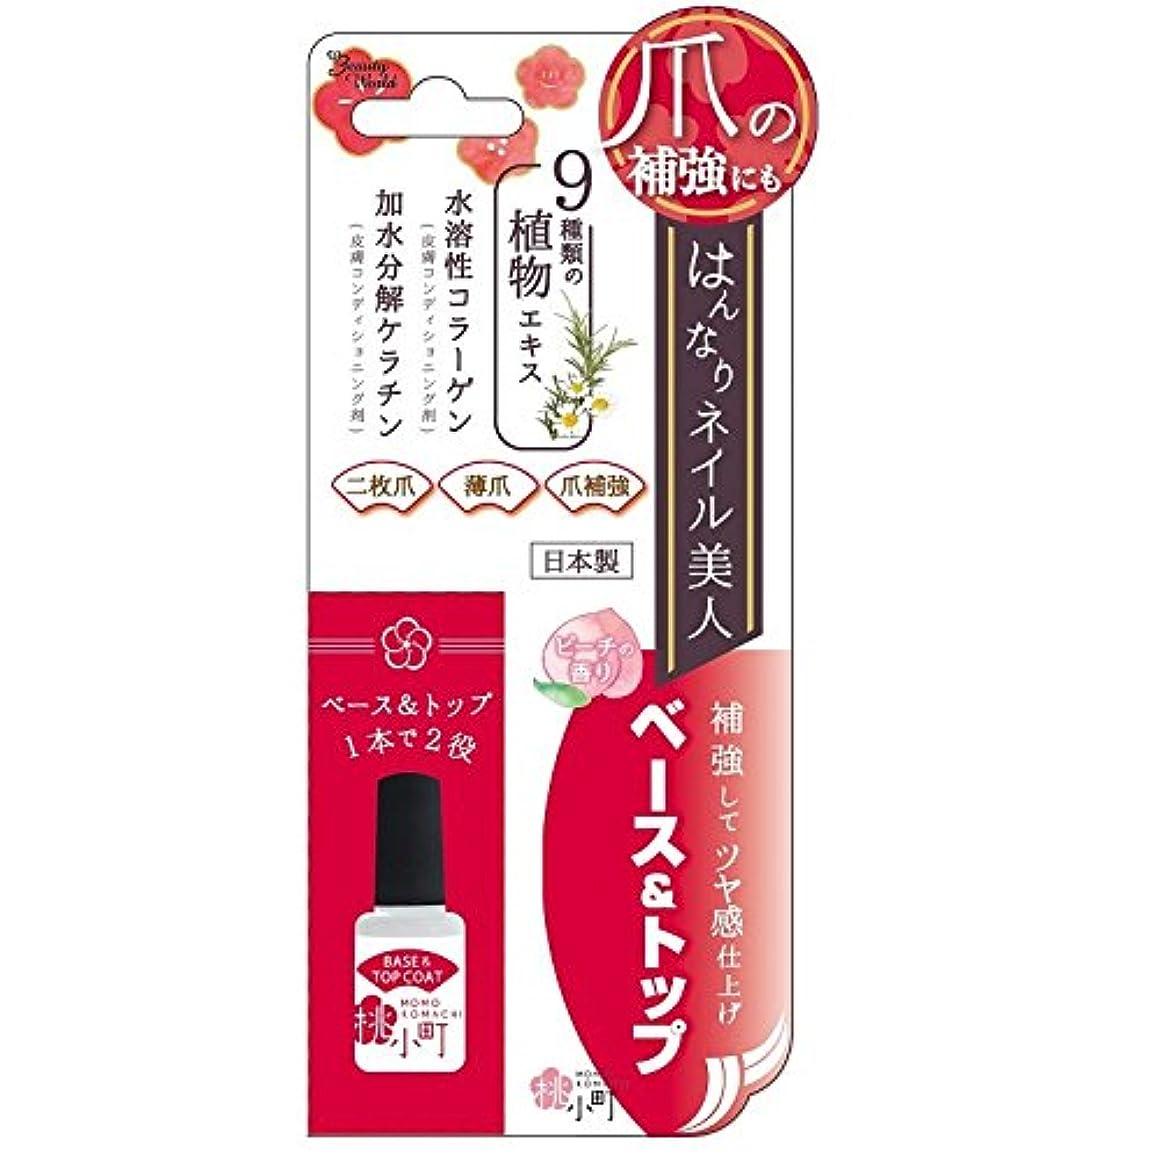 分岐するメンタル電池BW 桃小町 強化コート (6ml)